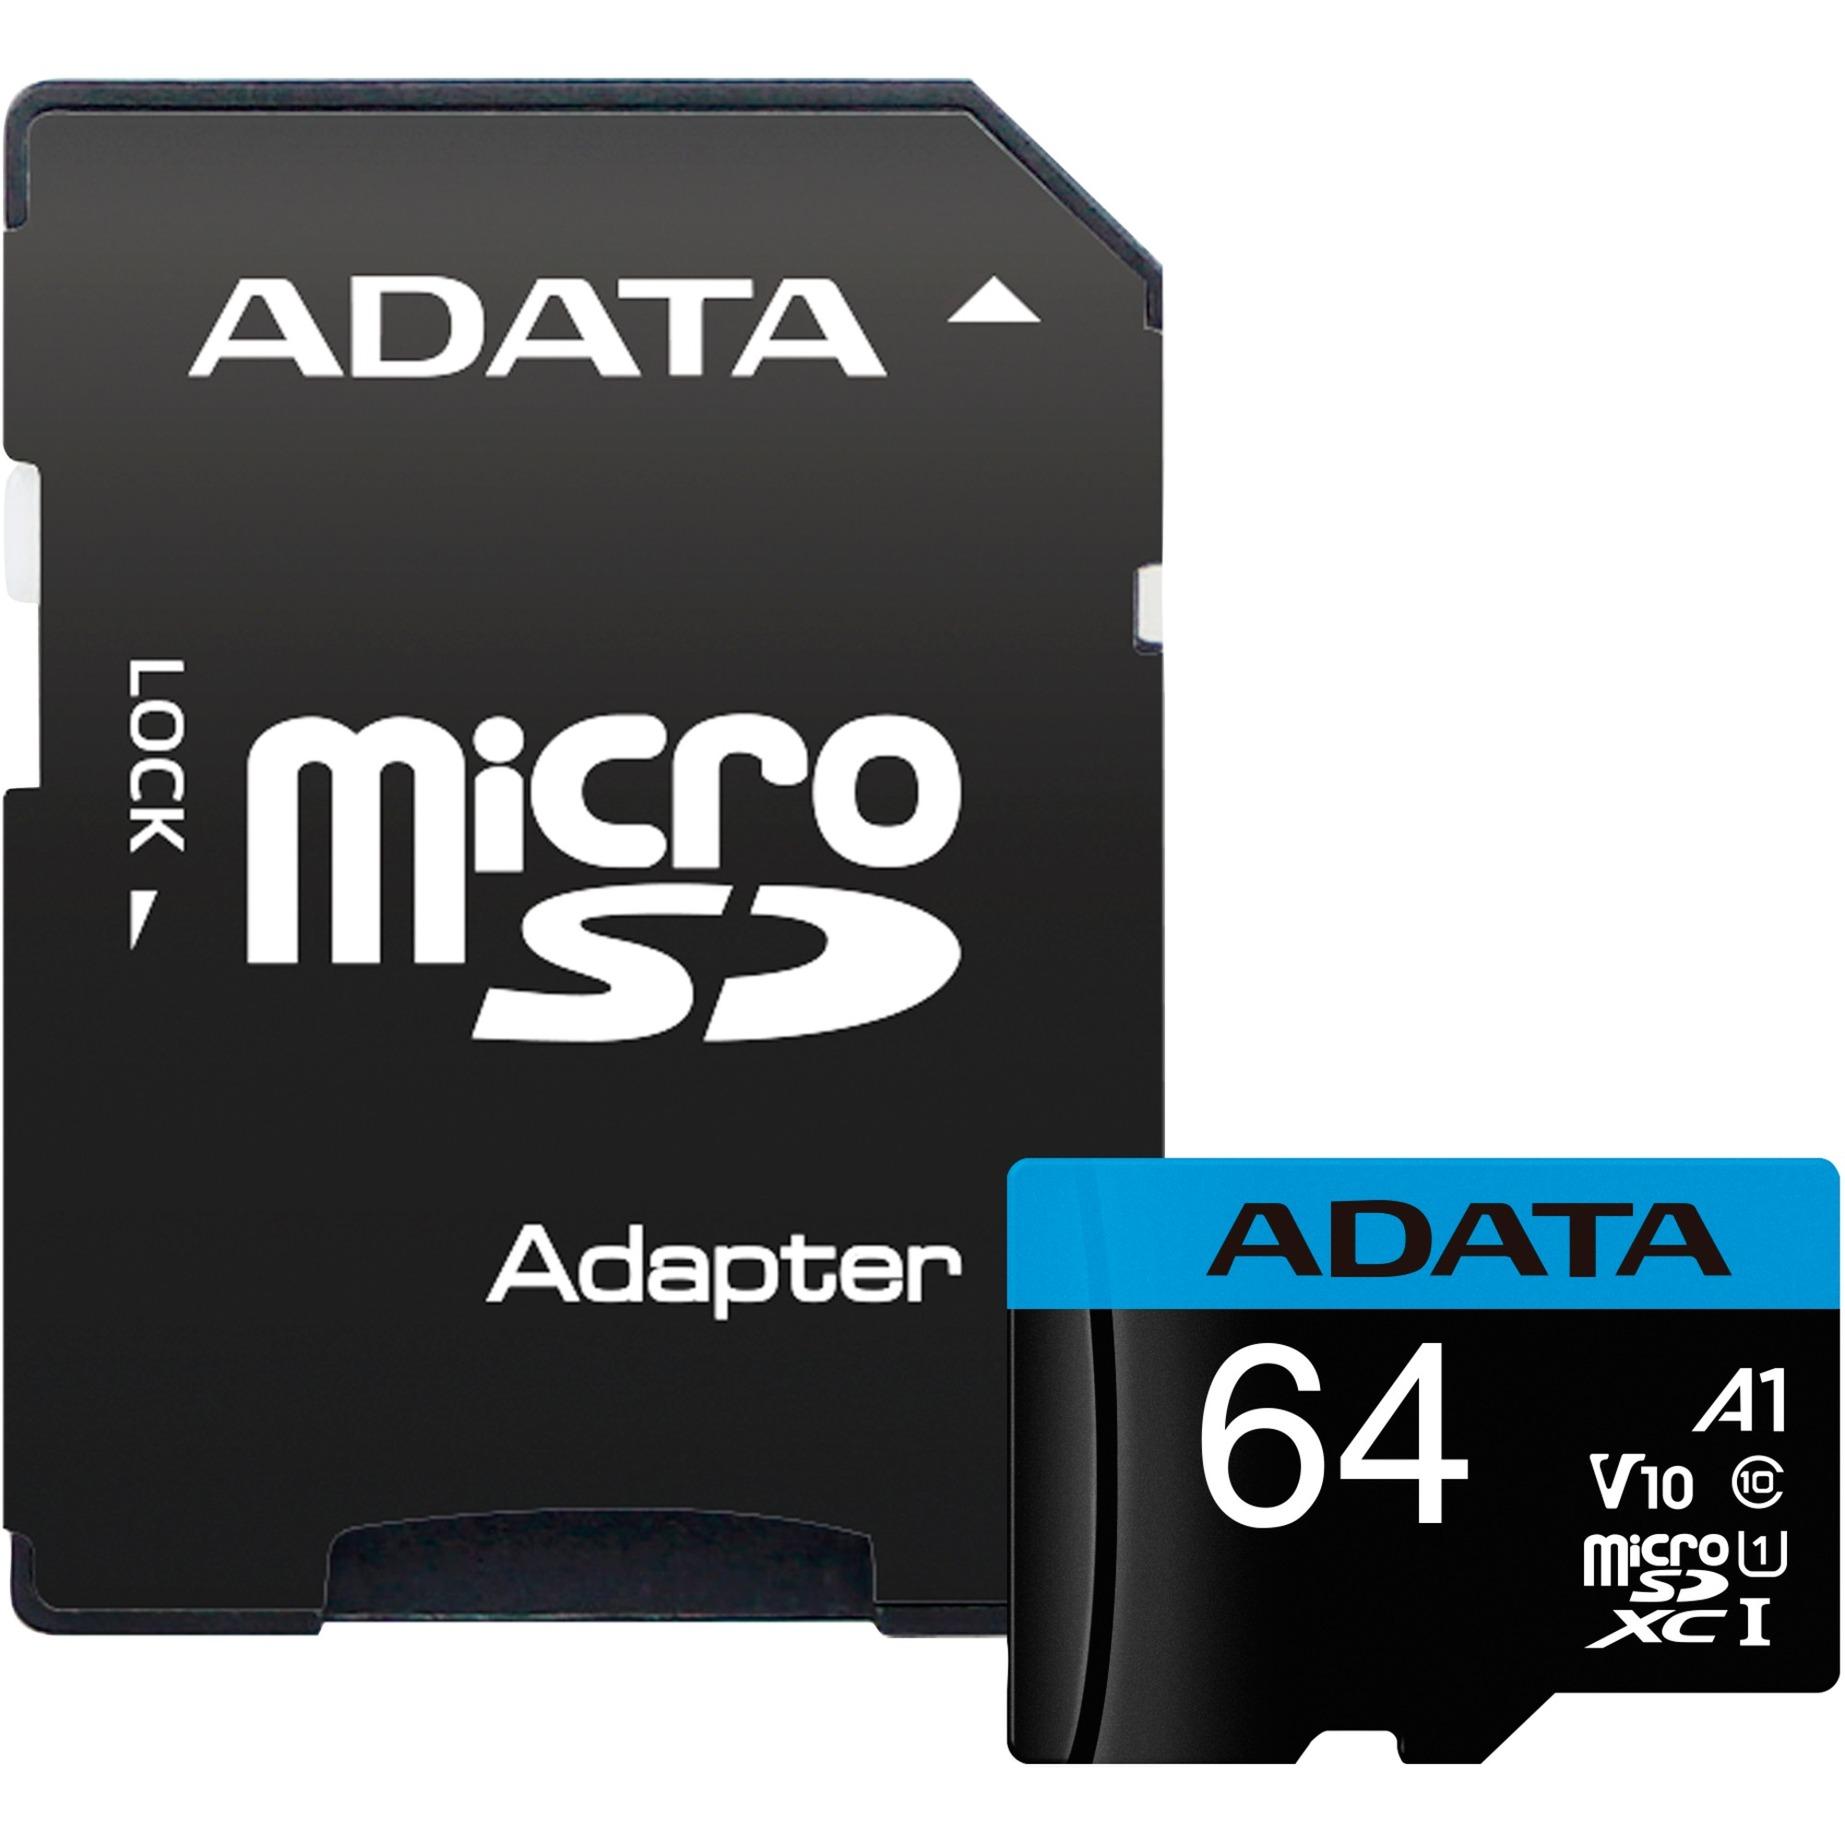 64GB, microSDHC, Class 10 memoria flash Clase 10 UHS-I, Tarjeta de memoria